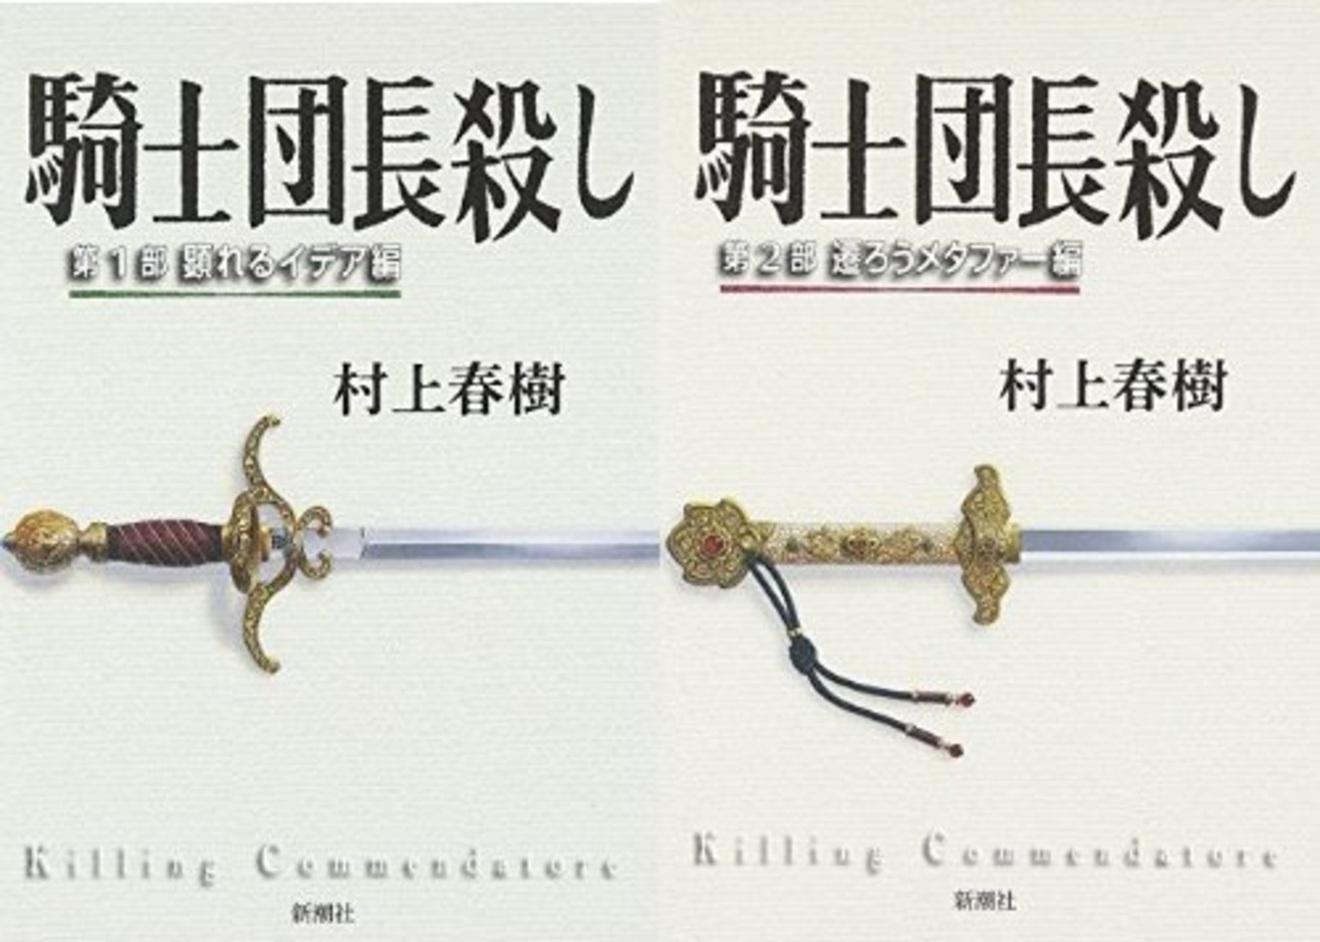 村上春樹『騎士団長殺し』書評。徹底的に賛否が二分するのはなぜかを考察